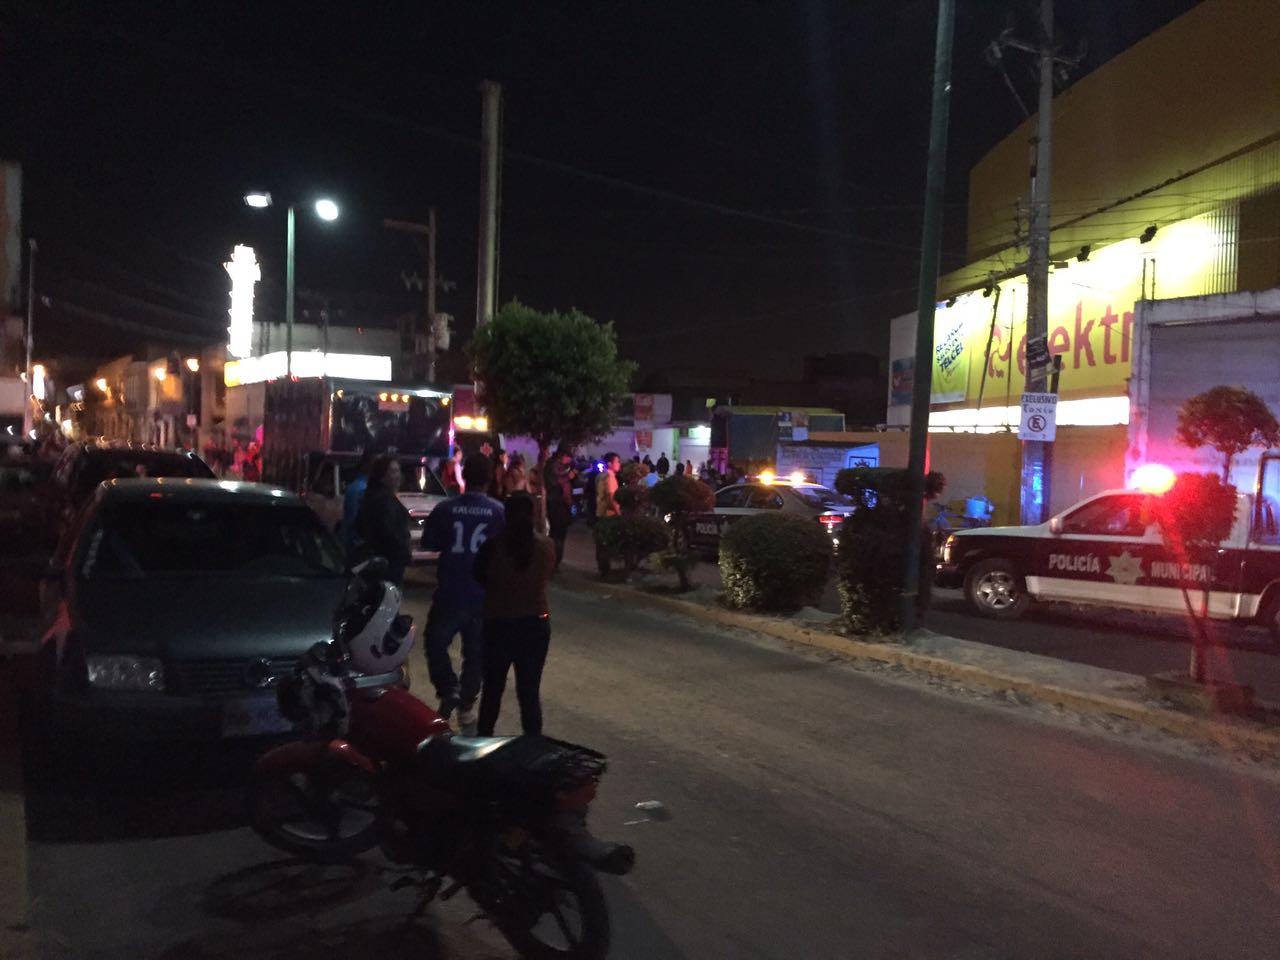 Con patrulla de comunidad alertan de manifestacion en Tlalcuapan